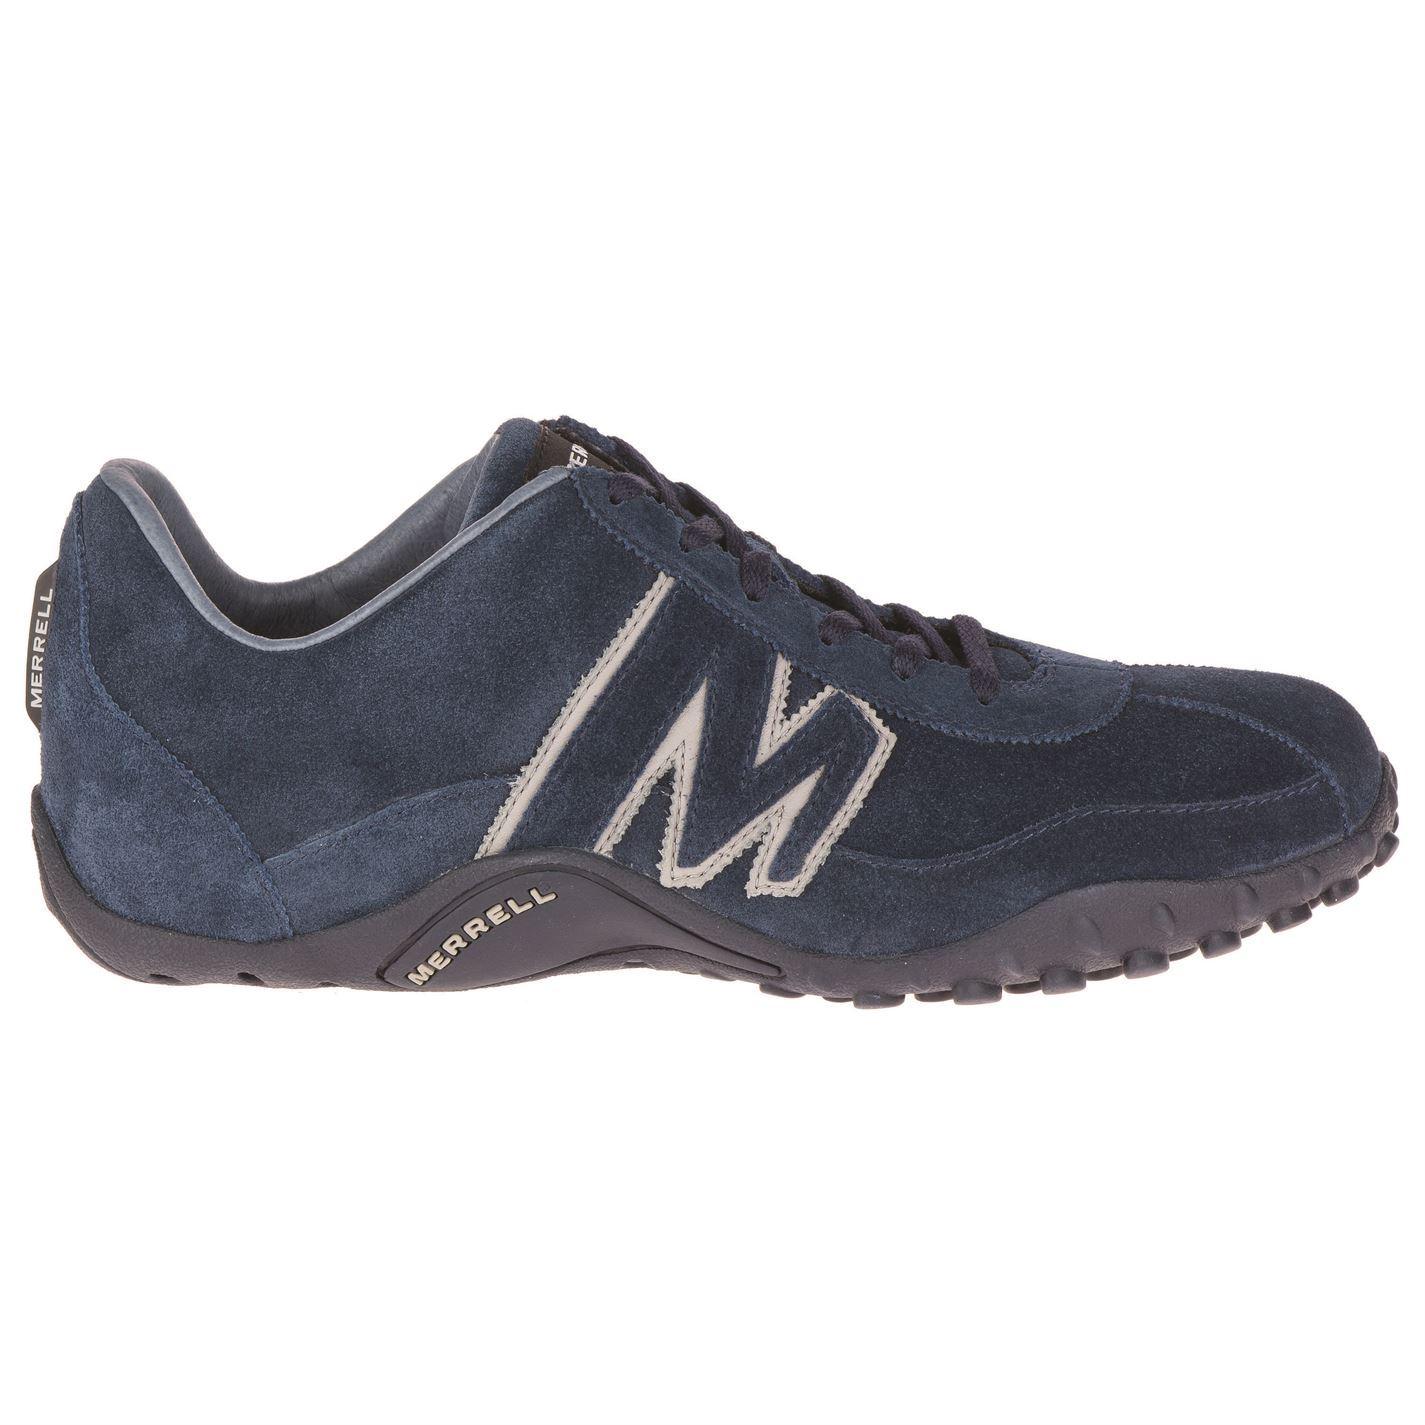 Détails sur Merrell Sprint Blast en cuir Chaussures de Marche Homme Randonnée Chaussures Bottes afficher le titre d'origine